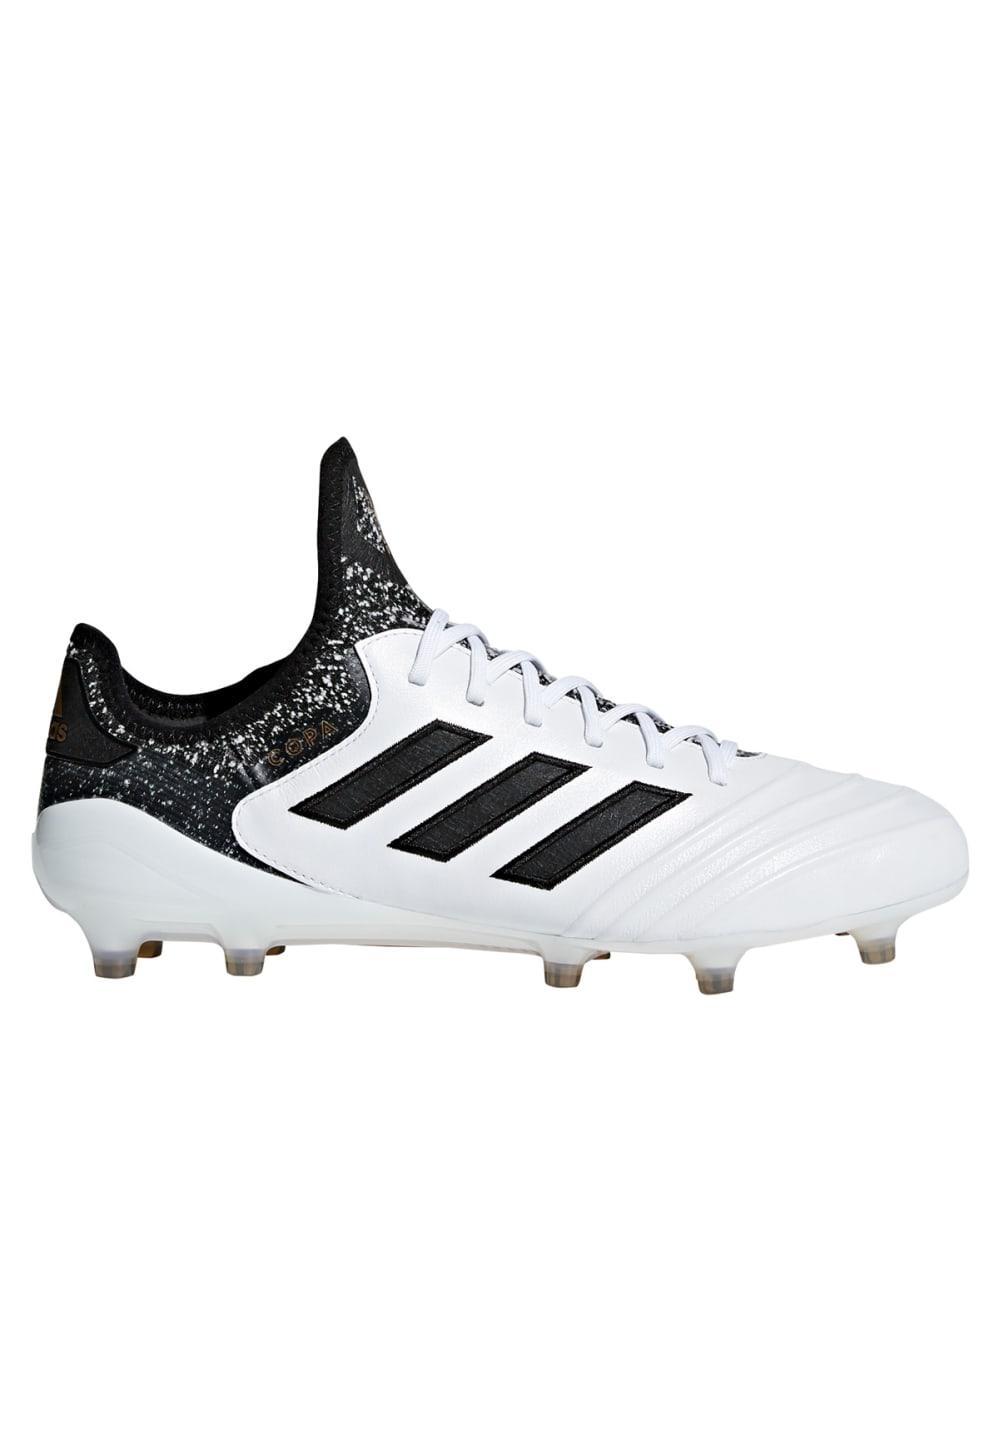 Fg 1 Para Hombre 18 Futbol Adidas Blanco De Copa Botas HIYWD2E9